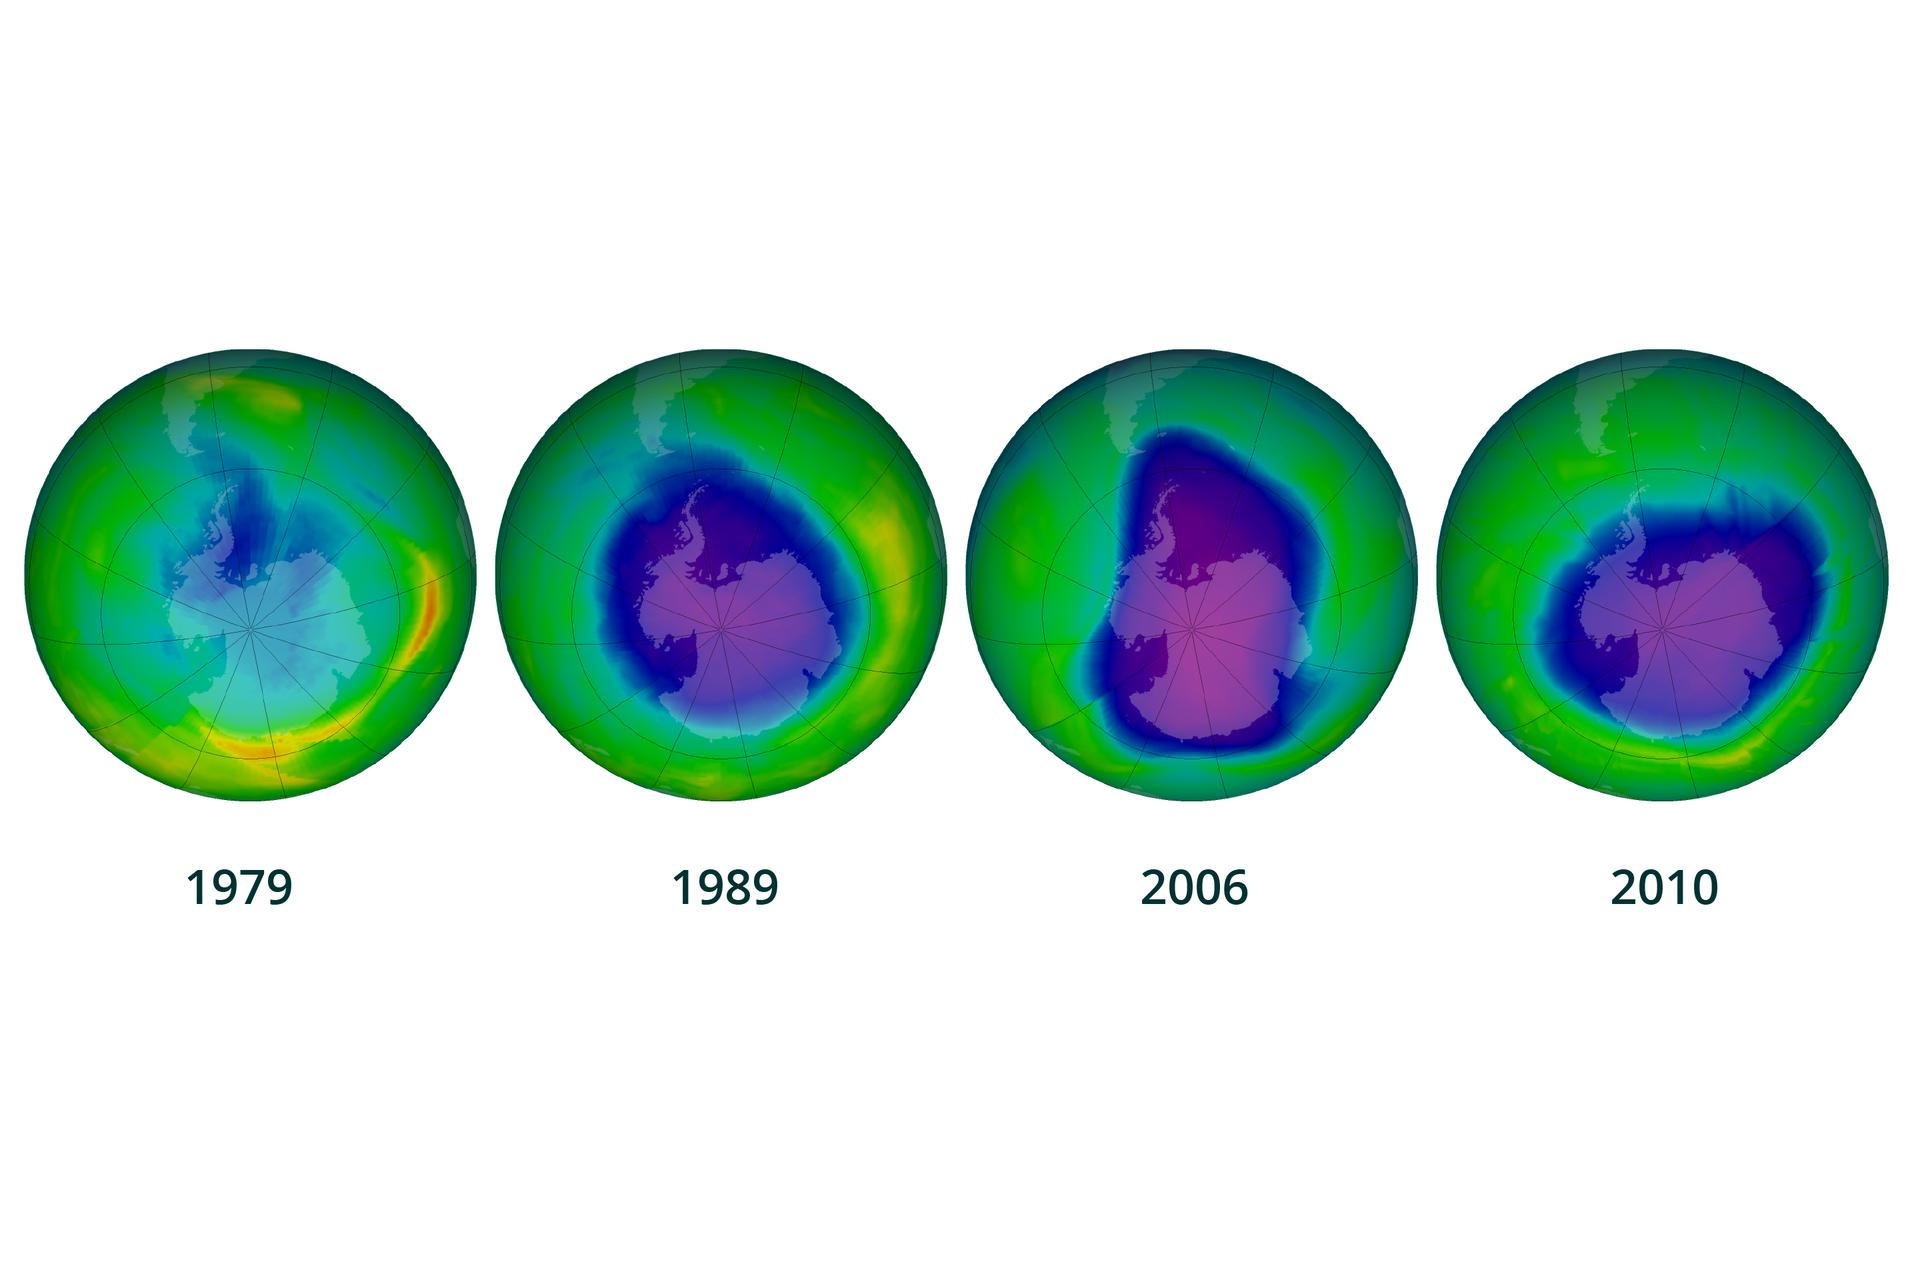 Grafika prezentuje proces powstawania ipowiększania się dziury ozonowej nad Antarktyką wlatach od 1979 do 2010. Składa się zczterech rysunków kuli ziemskiej znaniesionym na nią wykresem barwnym, wktórym niebiesko fioletowa plama oznacza dziurę ozonową. Rok 1979, dziura ozonowa bardzo mała iobejmuje niewielki wycinek na styku Antarktydy iAmeryki Południowej. Rok 1989 dziura obejmuje prawie cały kontynent Antarktydę. Rok 2006, dziura rozszerza się na sporą część oceanu Południowego. Rok 2010, niewielkie zmniejszenie dziury iwycofanie zobszaru granicznego zAmeryką Południową, ale rozciągnięcie wkierunku Afryki.